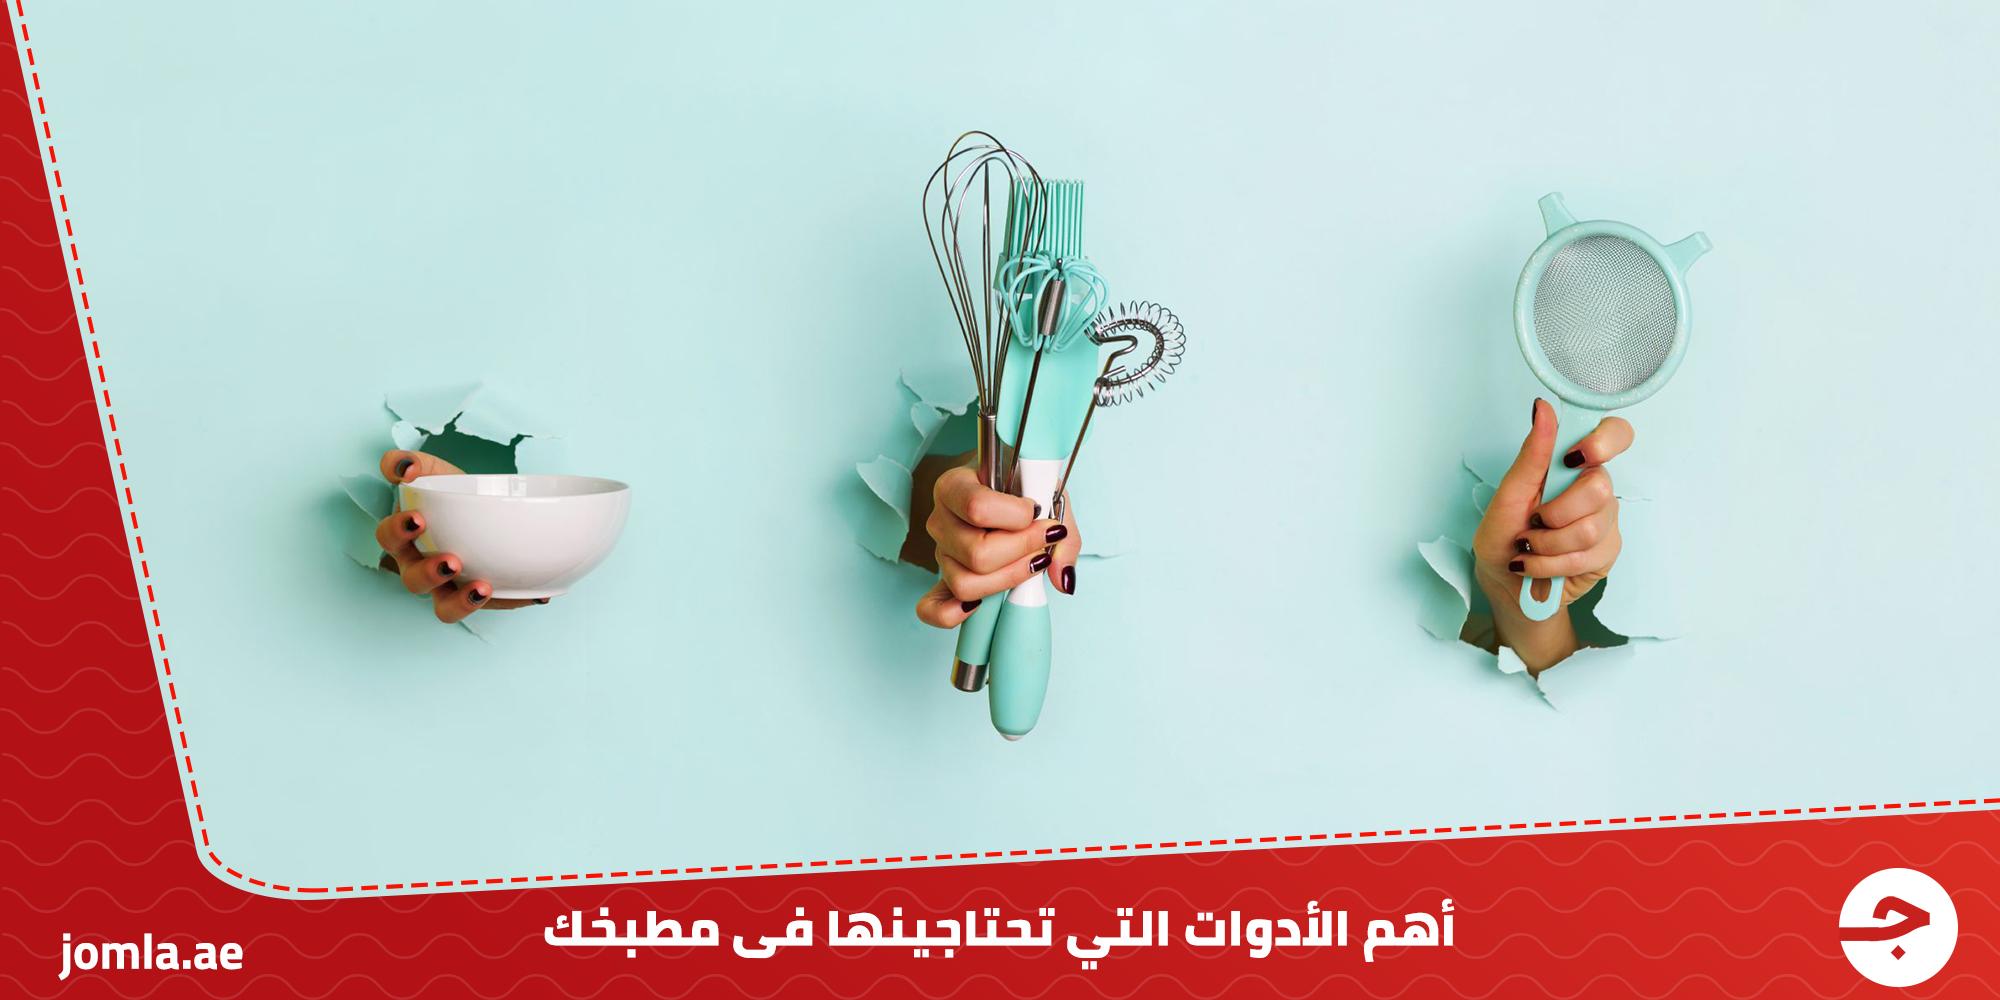 أهم ادوات المطبخ